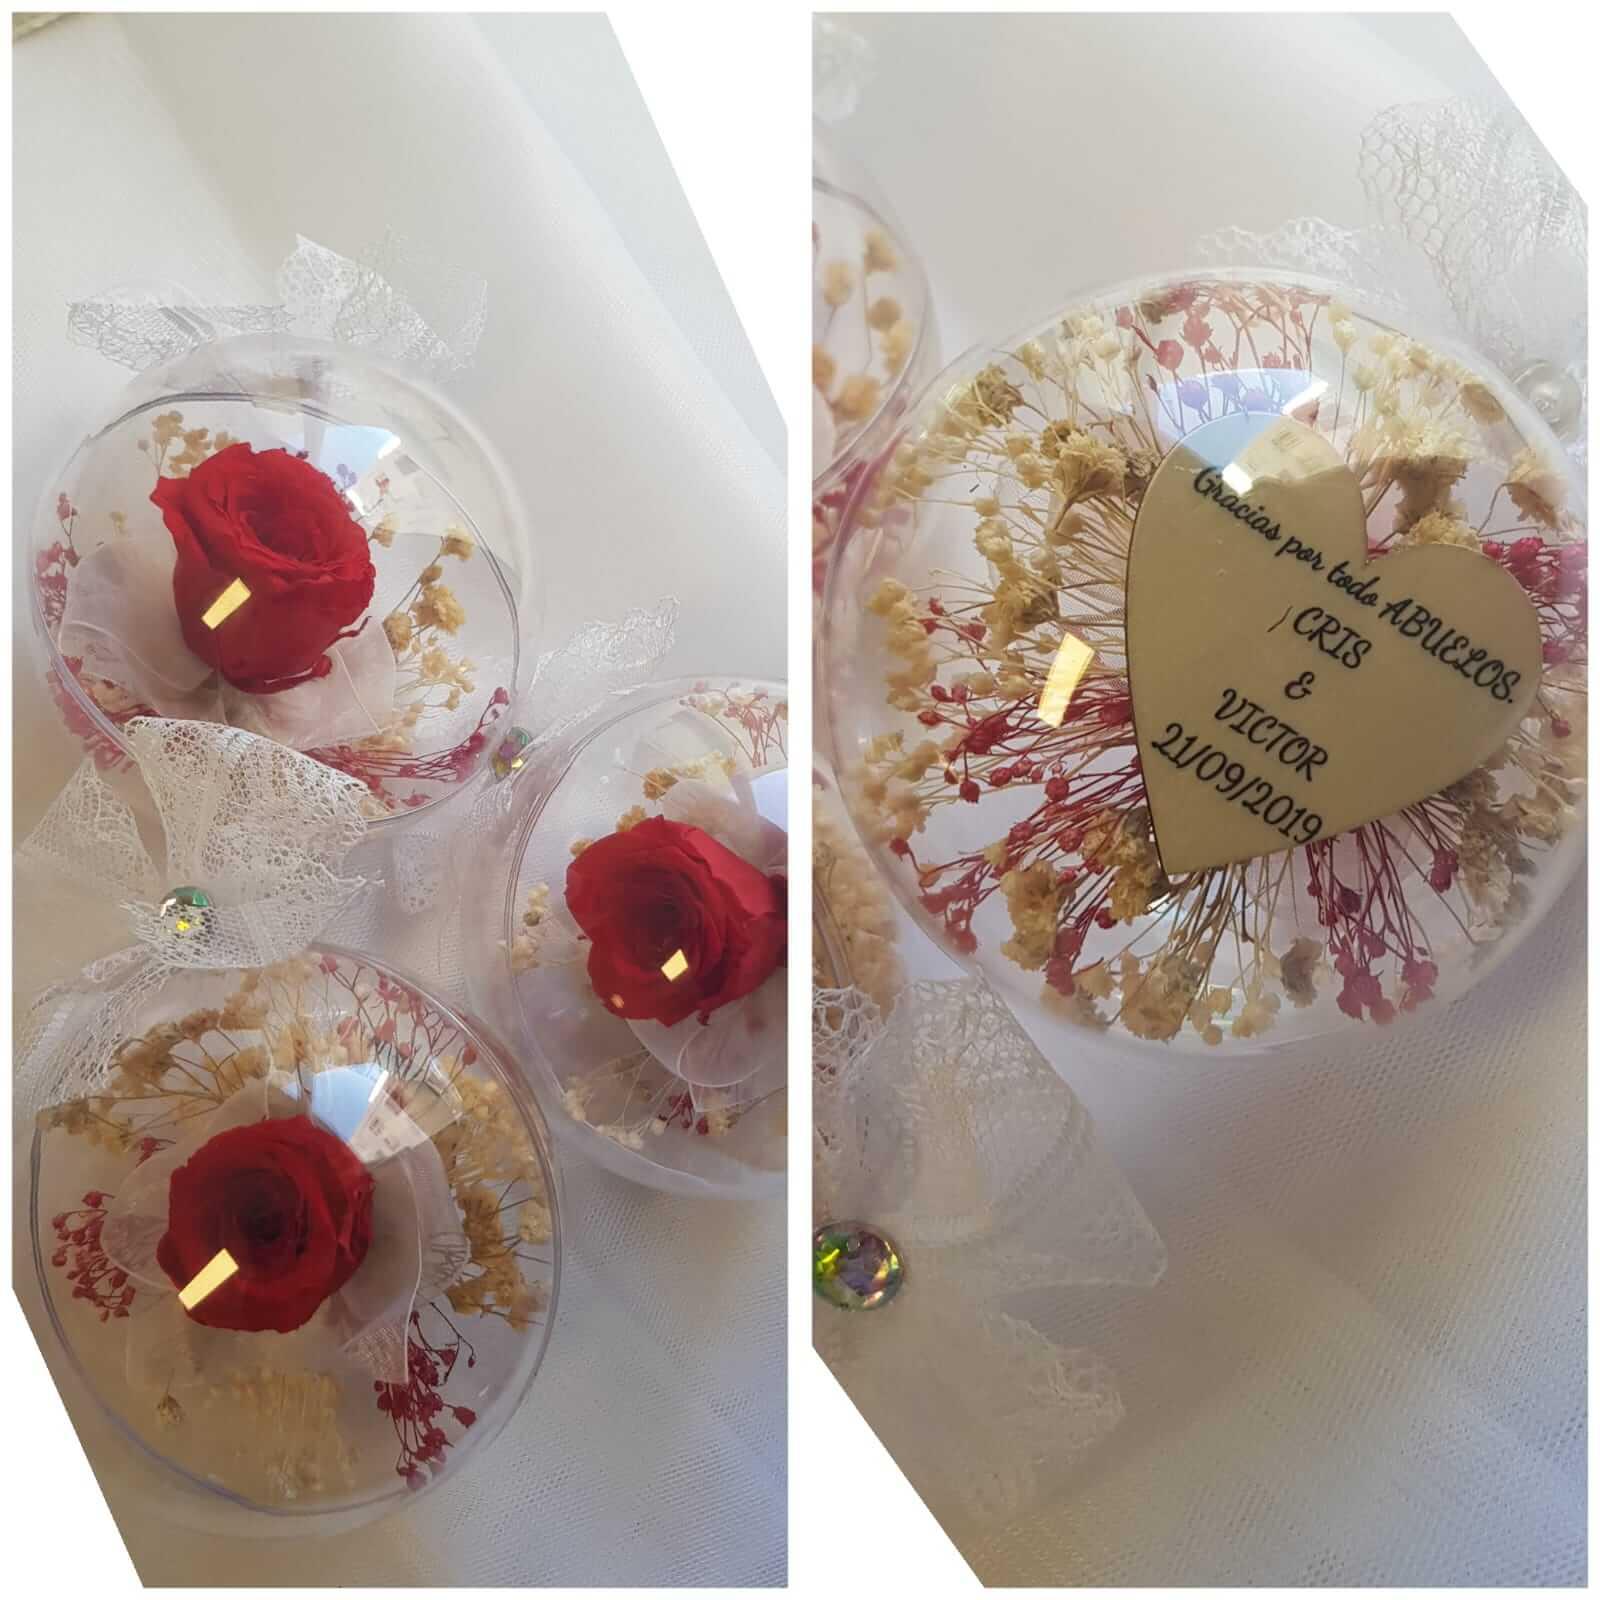 bola de plastico con rosas preservadas.jpeg bola de plastico con rosas preservadas - Bola de cristal decorativa con rosa preservada 1 - Bola decorativa con rosas preservadas